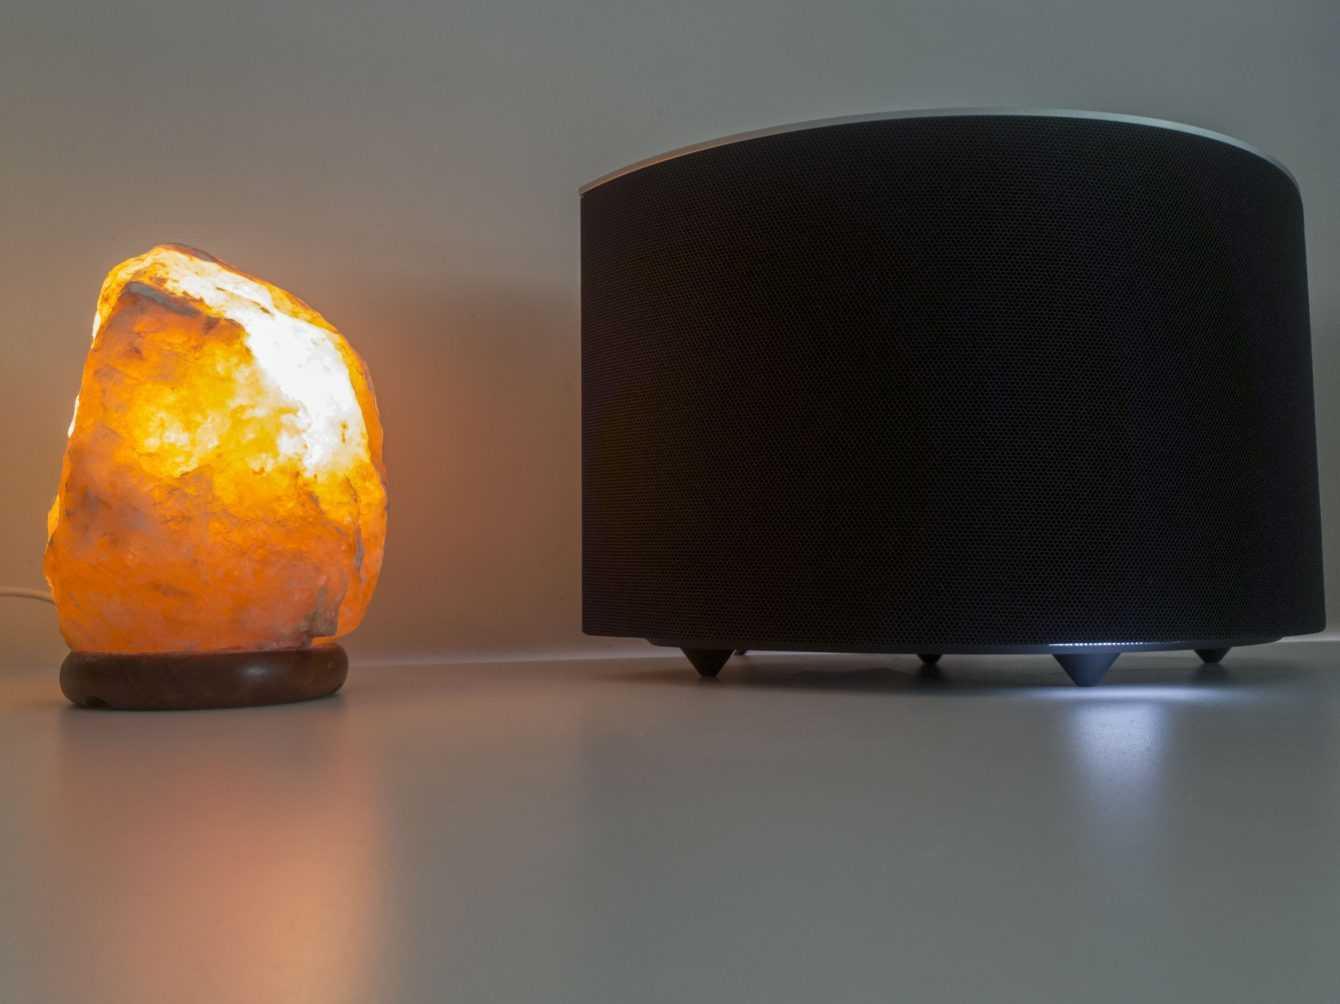 Recensione Ottava S SC-C50: il diffusore Hi-Fi premium secondo Technics